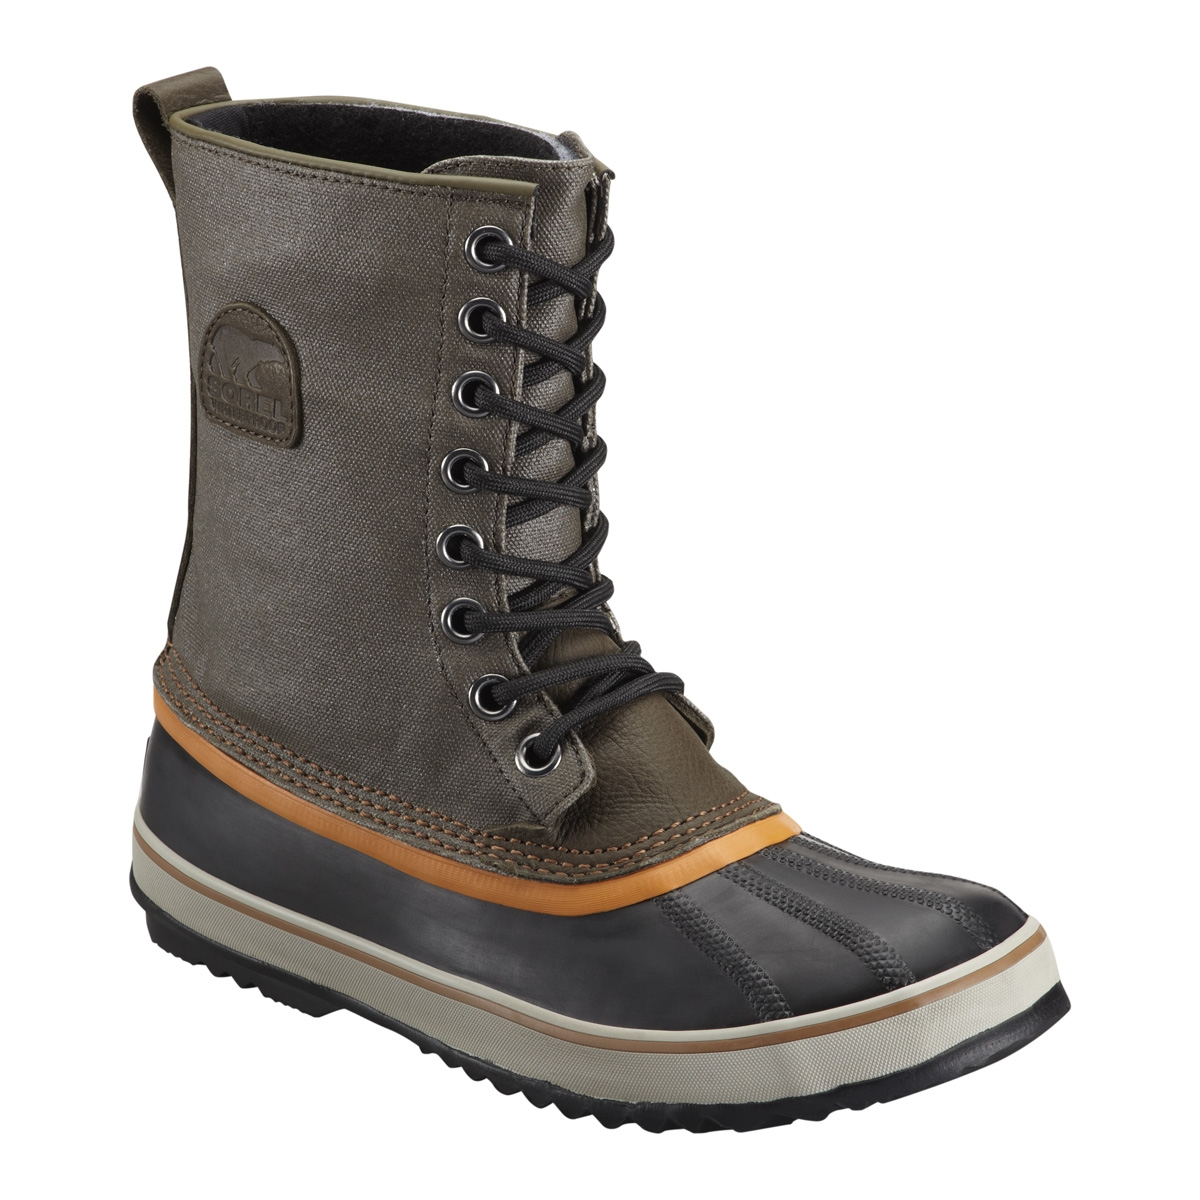 fb89c27859c Sorel 1964 Premium T CVS Boot (Men's) - Peatmoss / Bright Copper